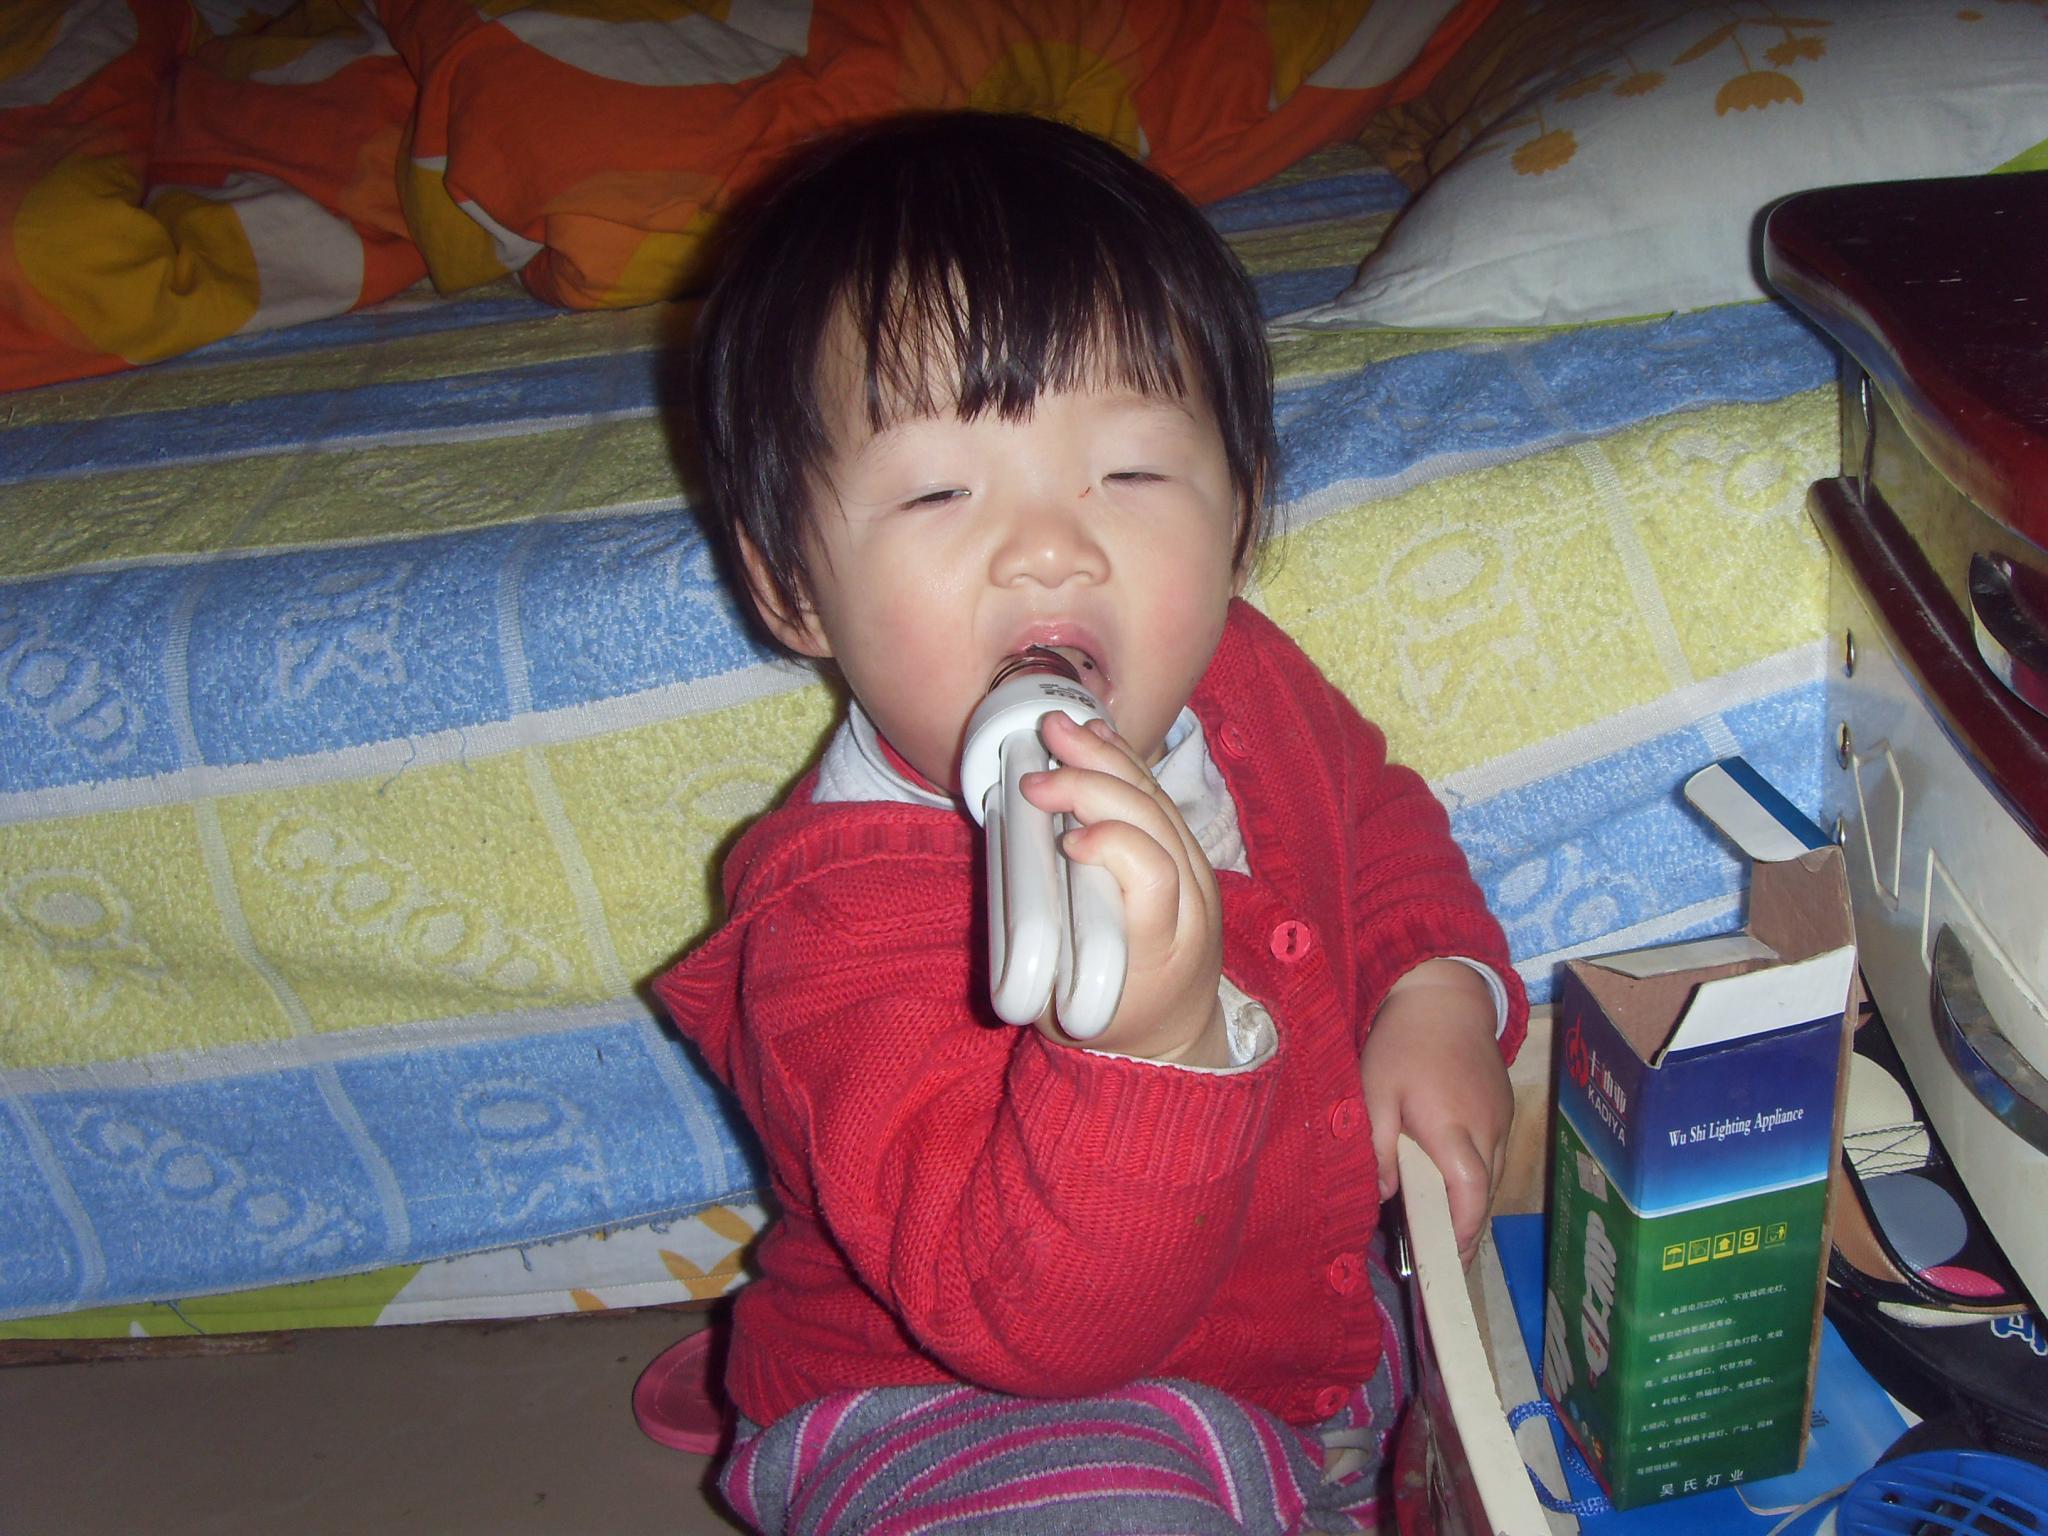 我家 宝宝 老是喜欢乱翻 乱吃东西 妈妈爱润的空